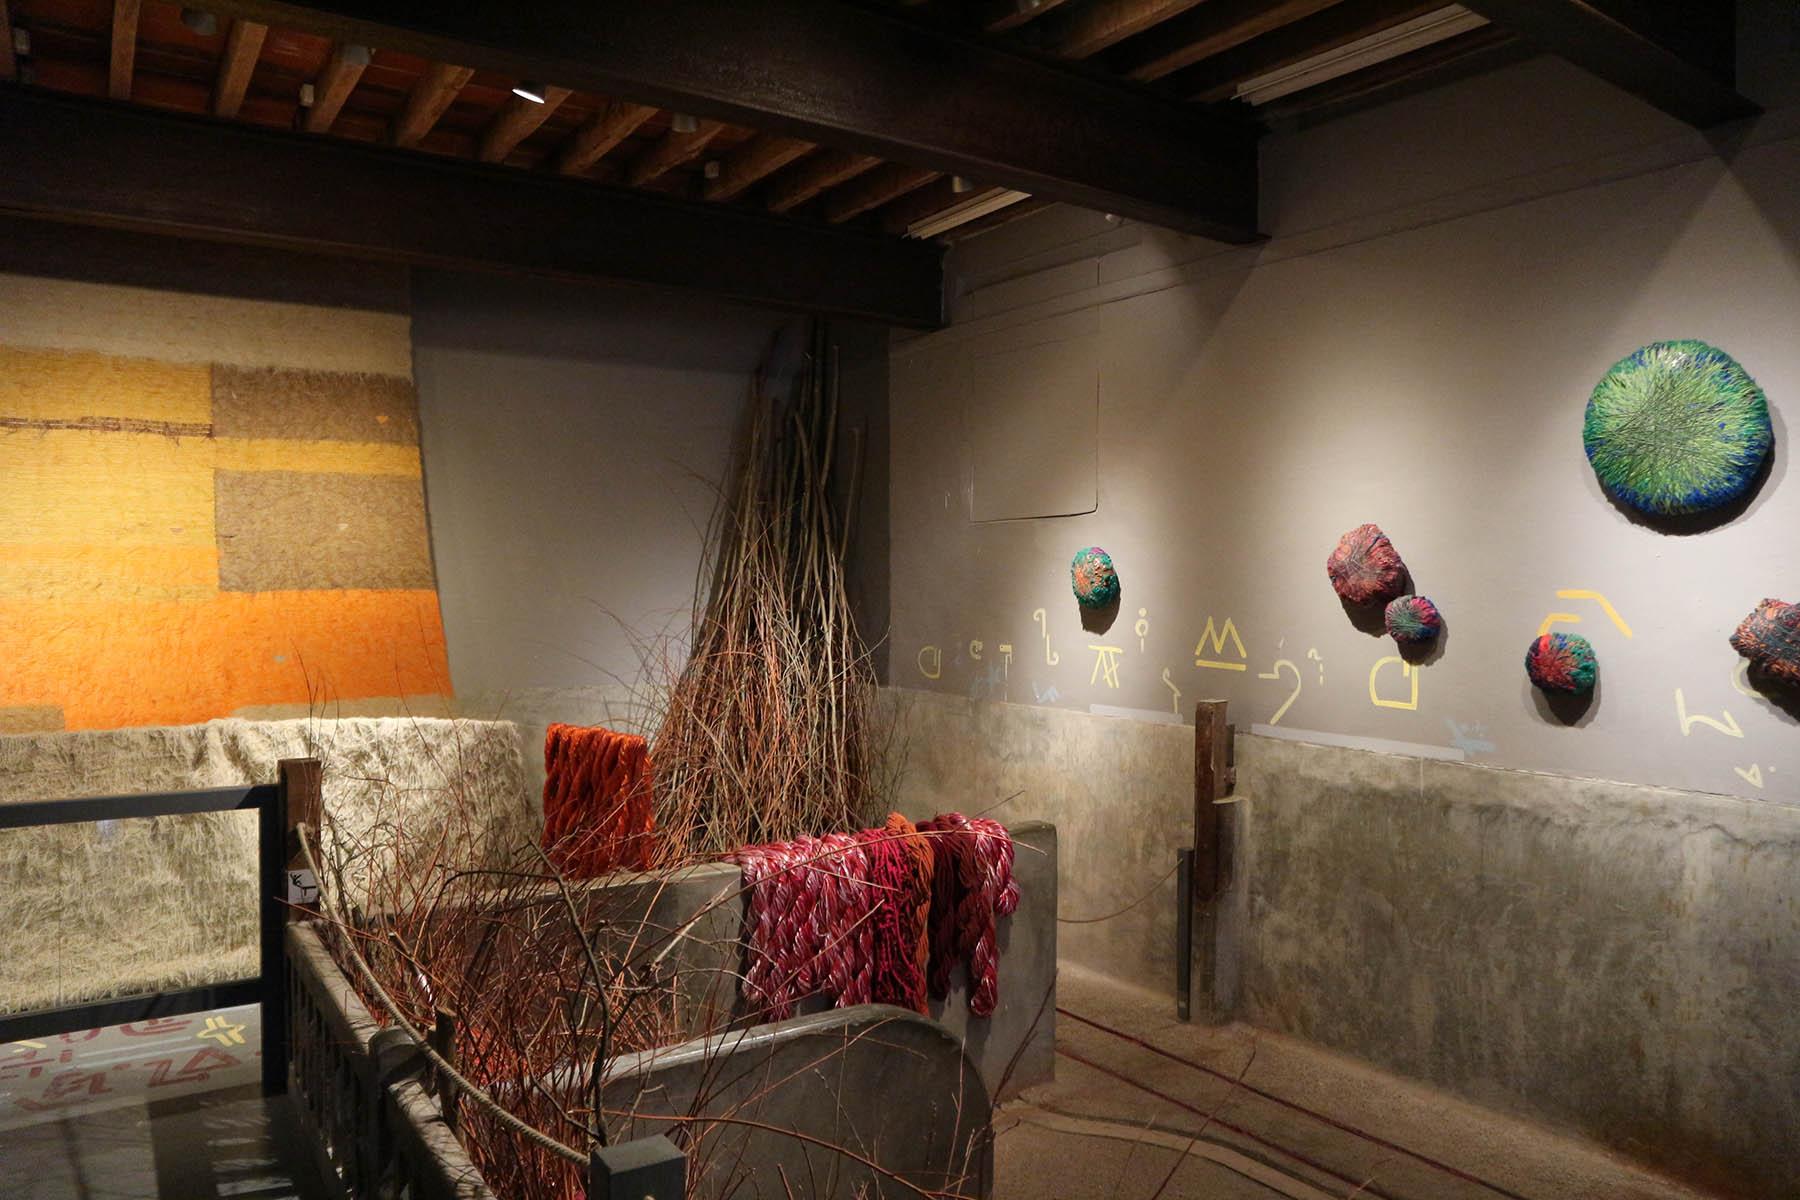 Chaumont-sur-Loire. Dort sind derzeit unter anderem Arbeiten von Sheila Hicks zu sehen. Sie verwendet Garne, Fasern und Farben, so wie ein Maler seine Pigmente verwendet.